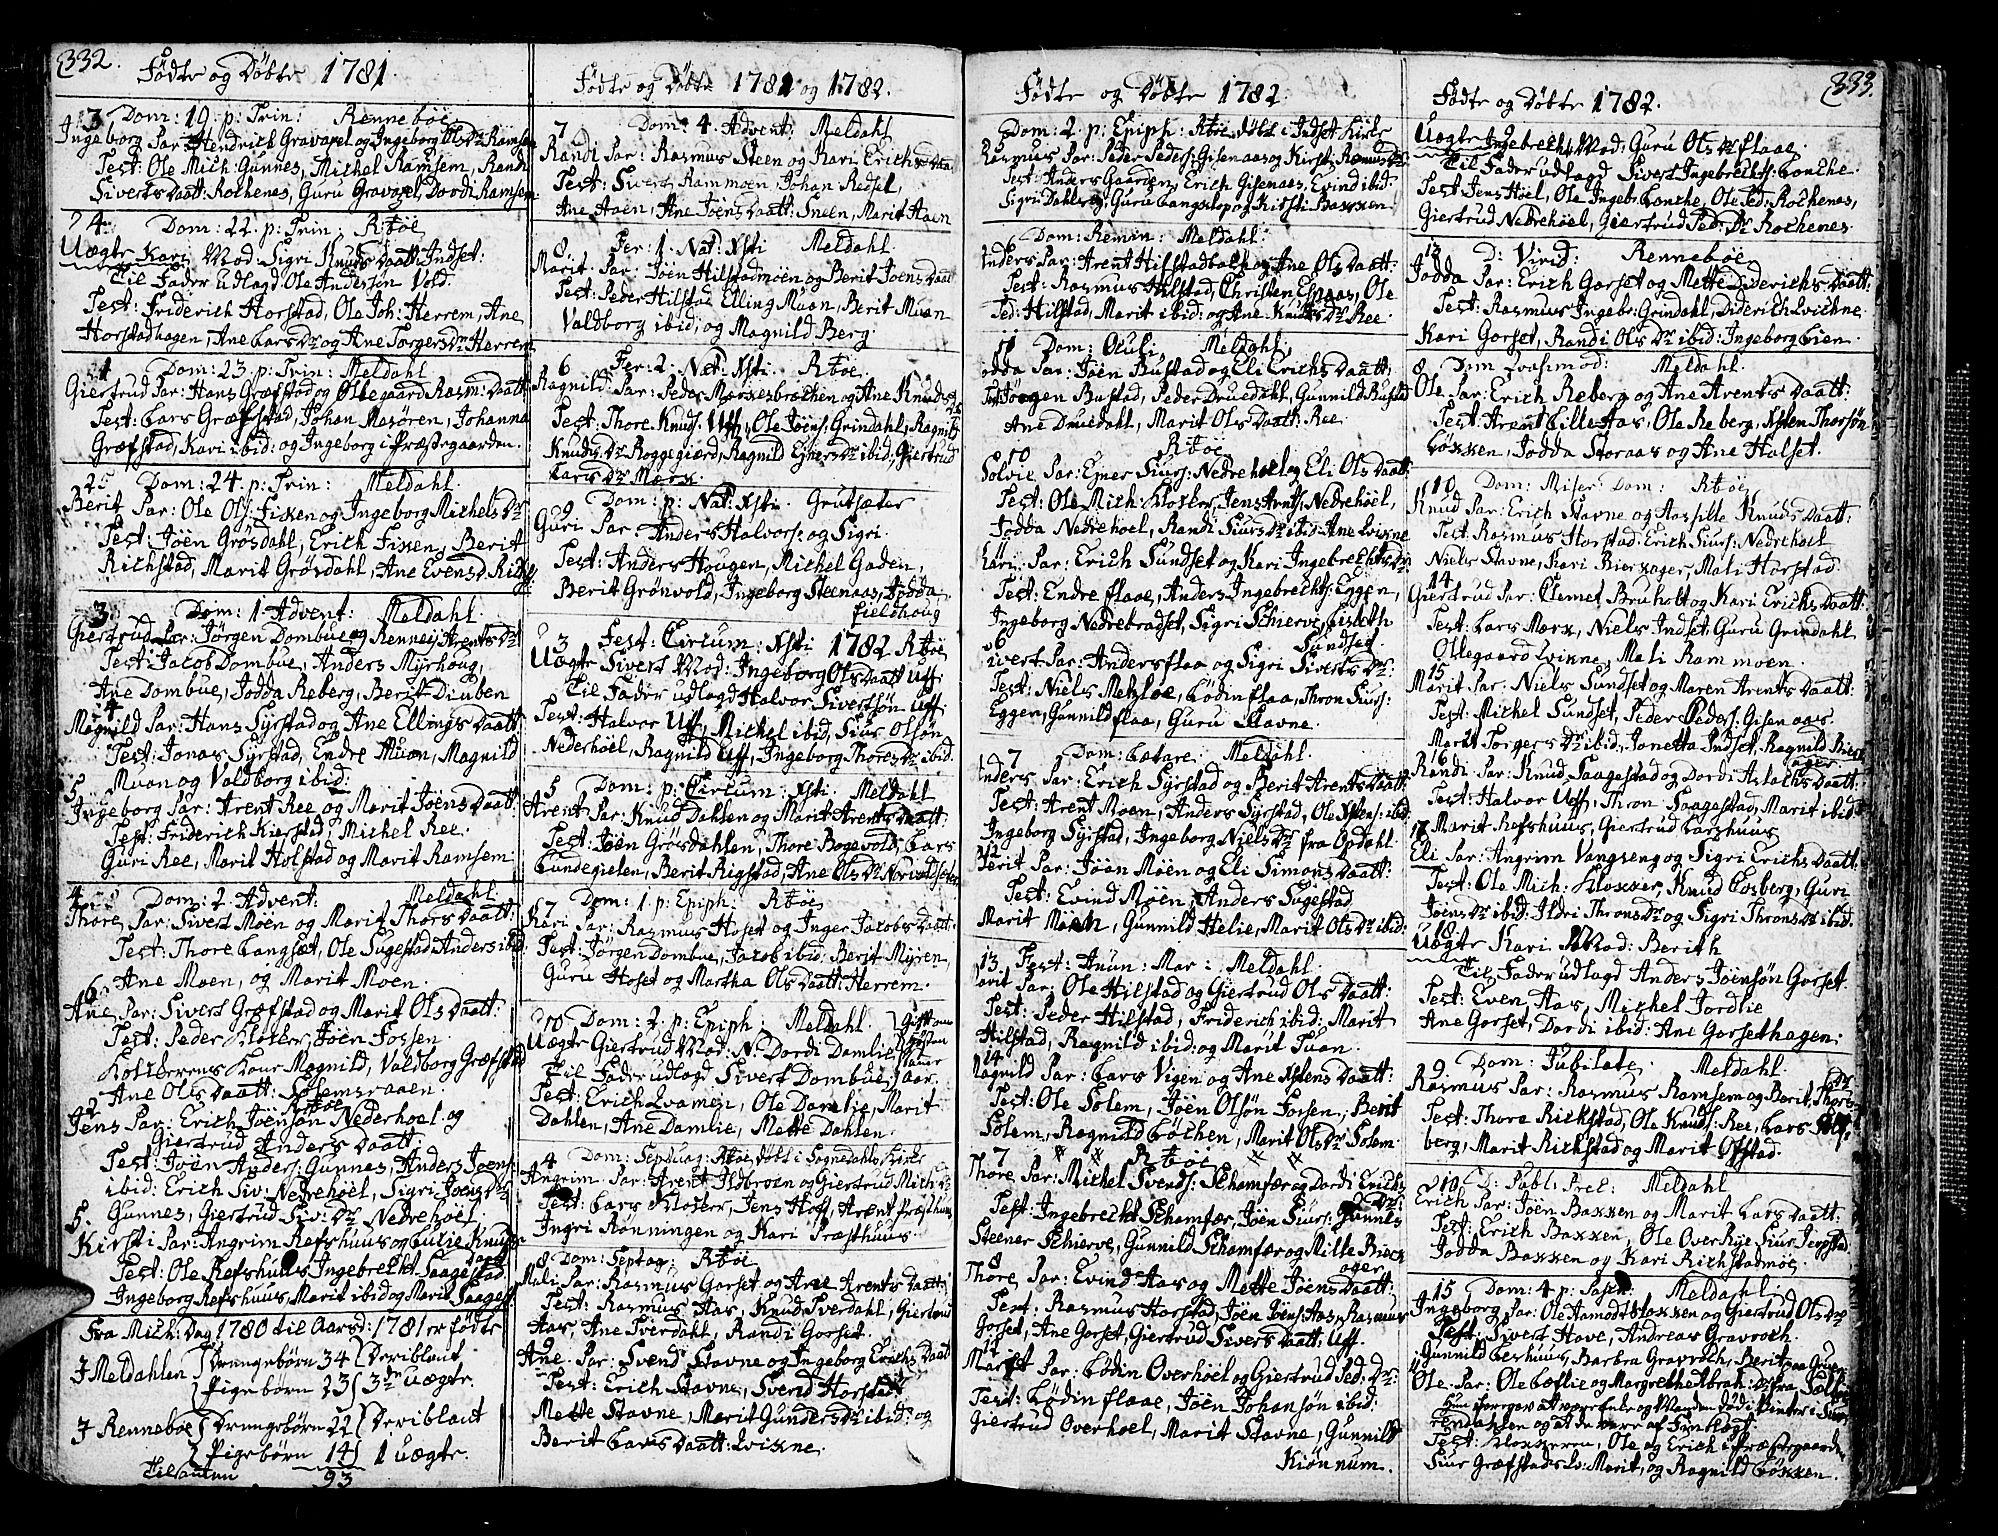 SAT, Ministerialprotokoller, klokkerbøker og fødselsregistre - Sør-Trøndelag, 672/L0852: Ministerialbok nr. 672A05, 1776-1815, s. 332-333